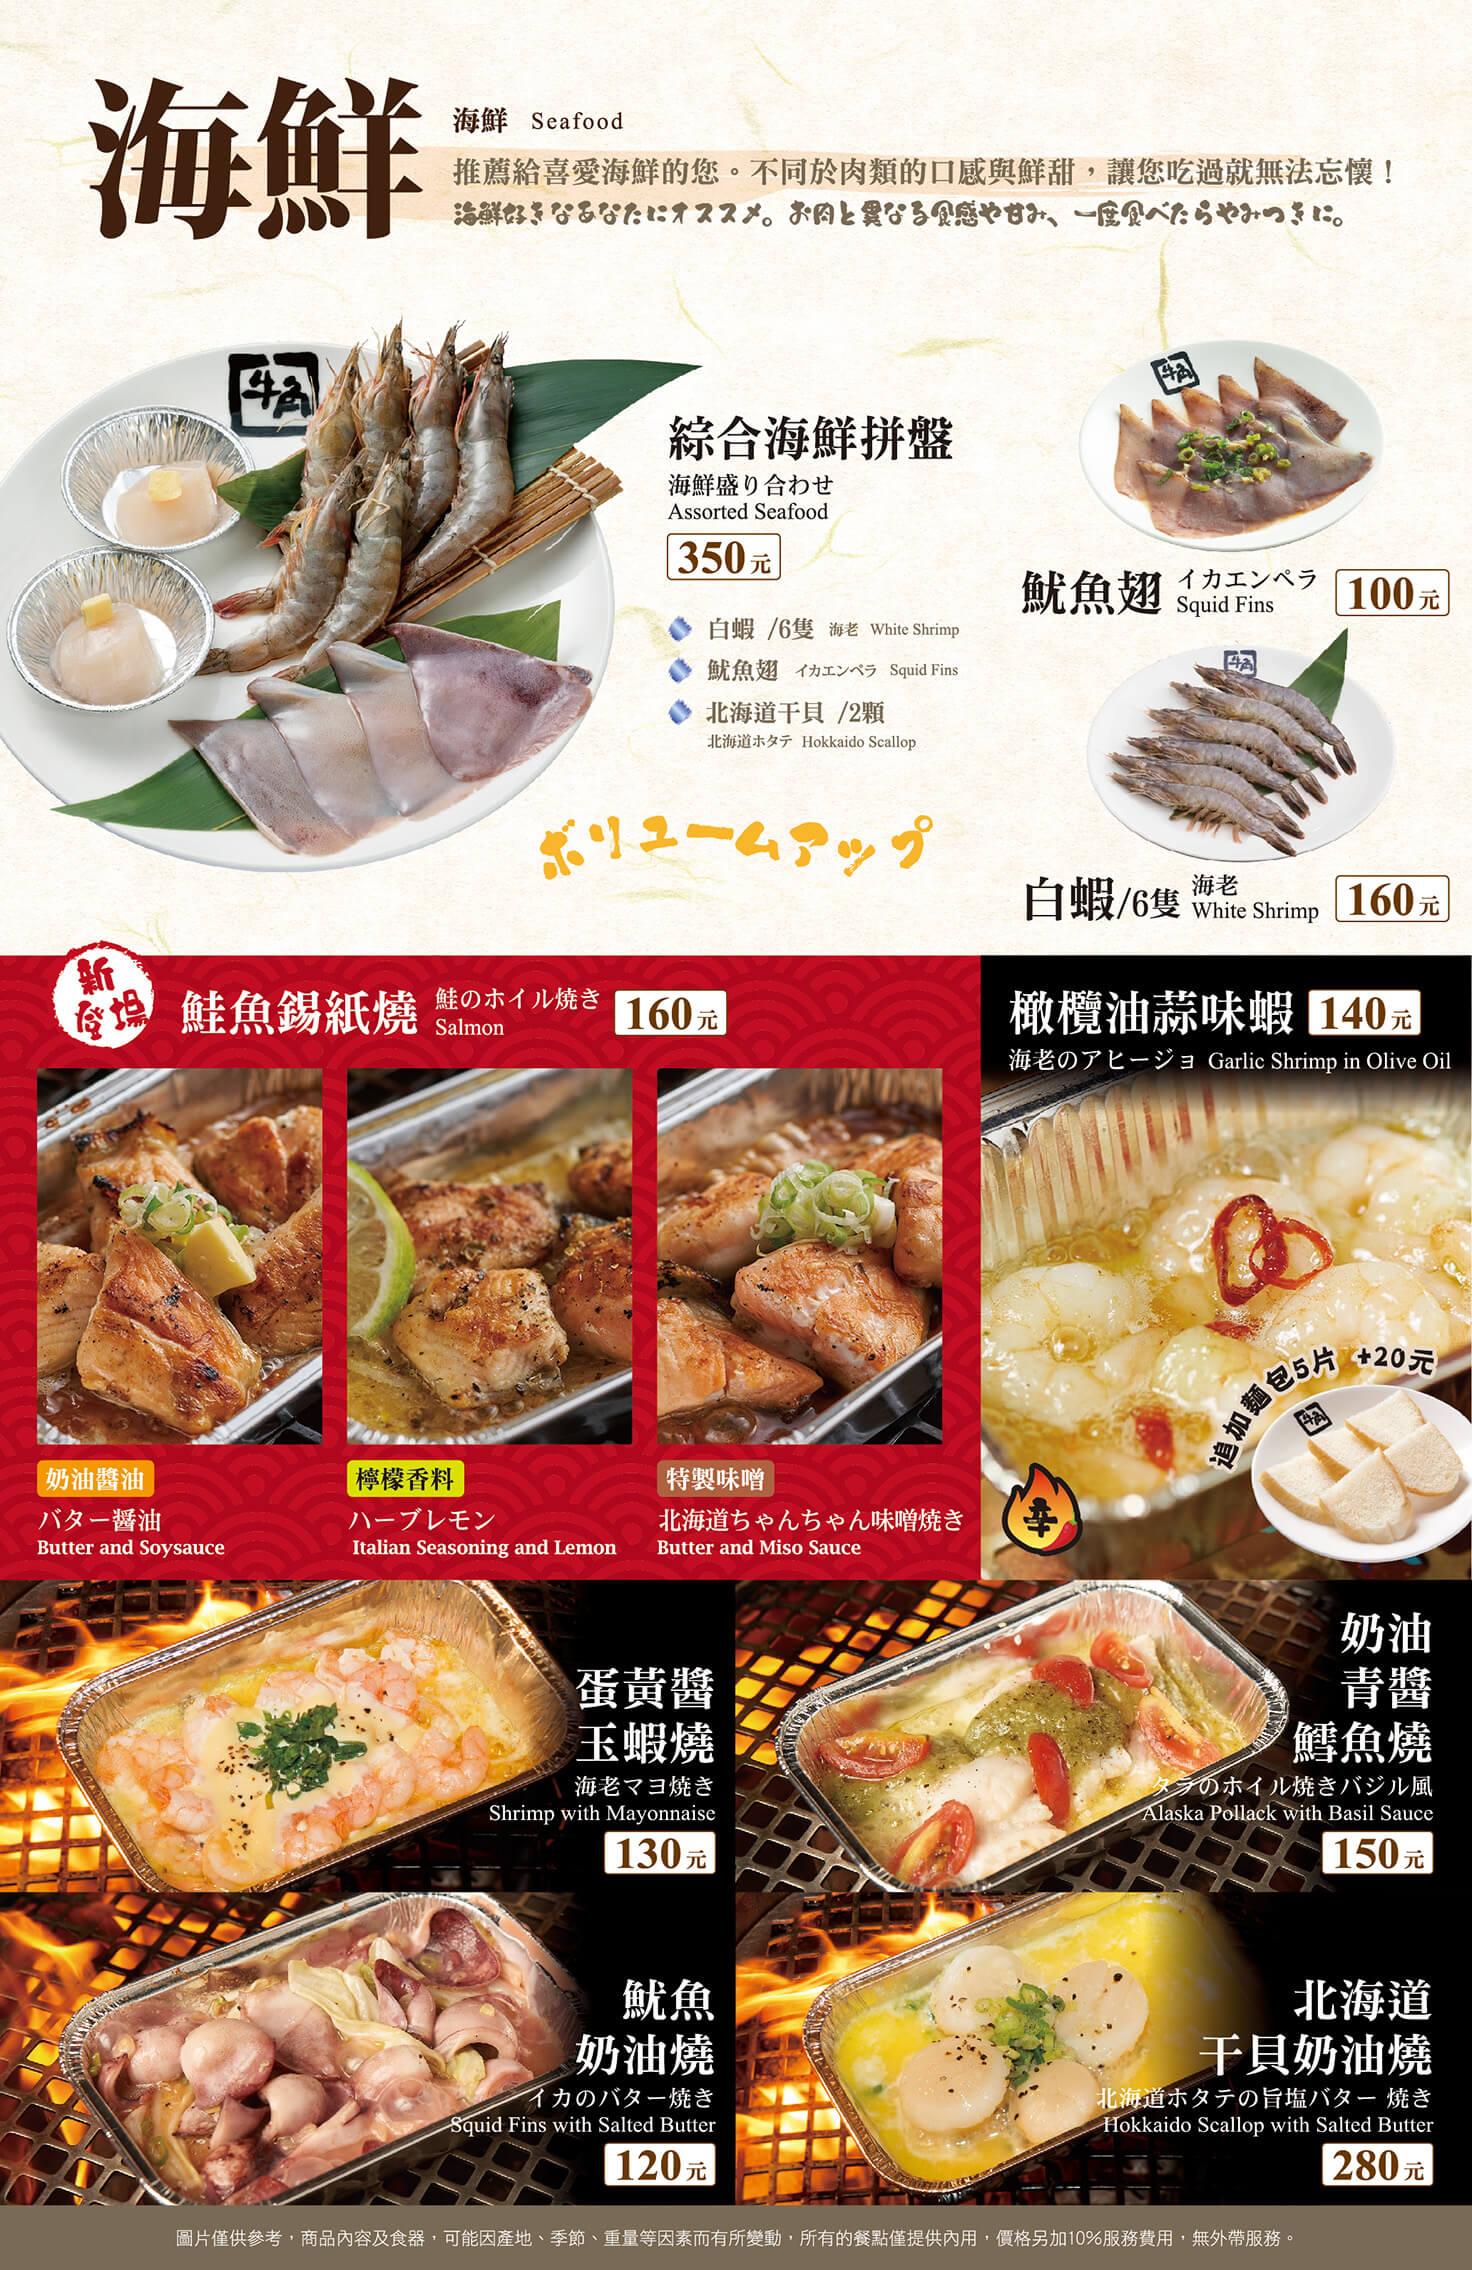 牛角菜單-海鮮&烤物